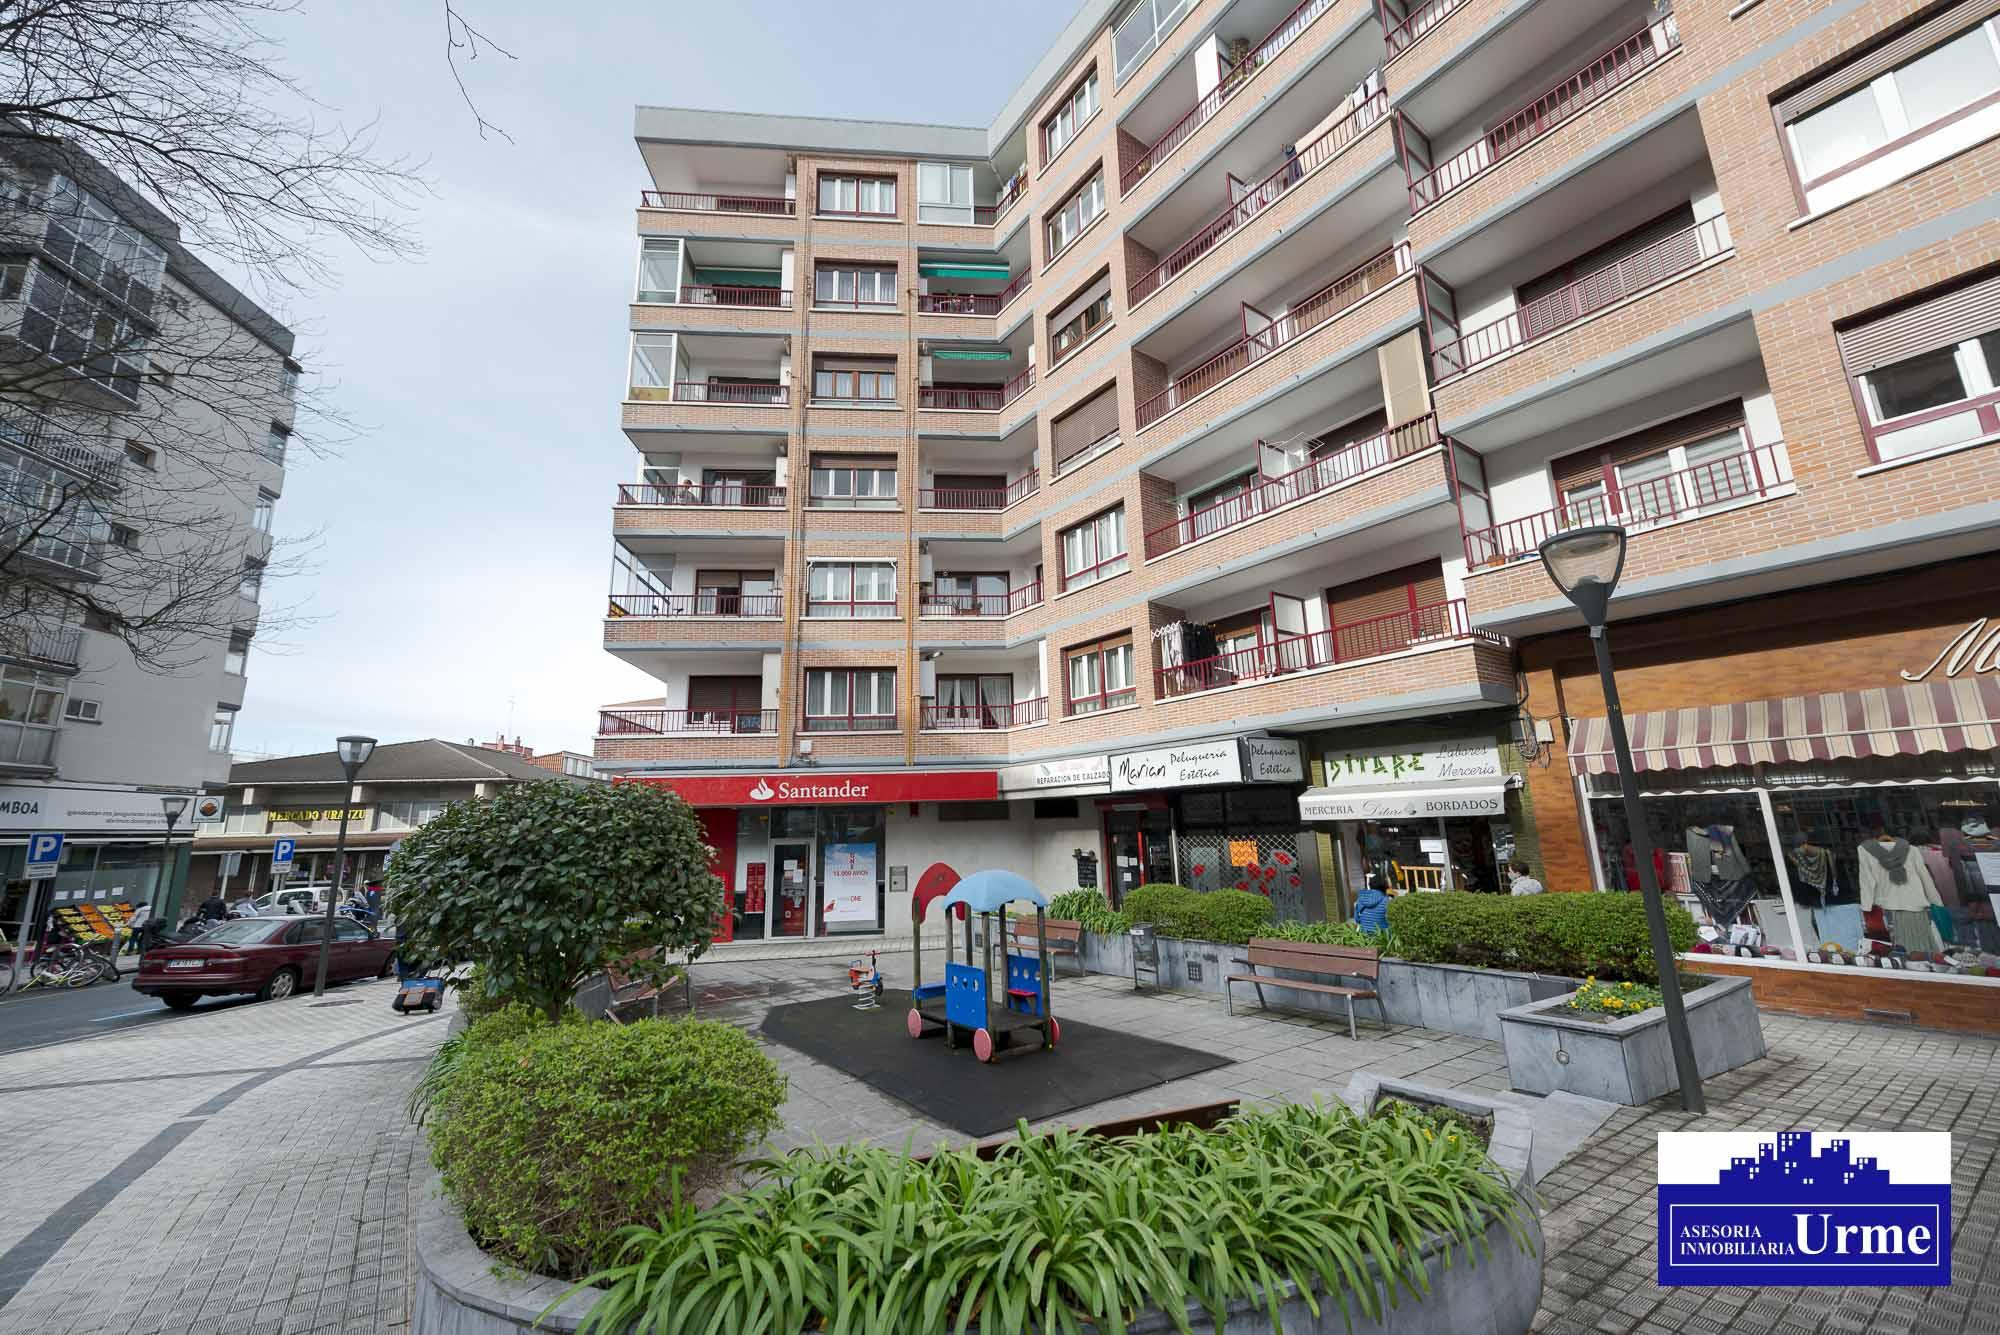 Nuevo precio!En San Miguel.Como nuevo! exterior,85 m2 utiles + 2 balcones. Garaje OPCIONAL.Ven a conocerlo!!